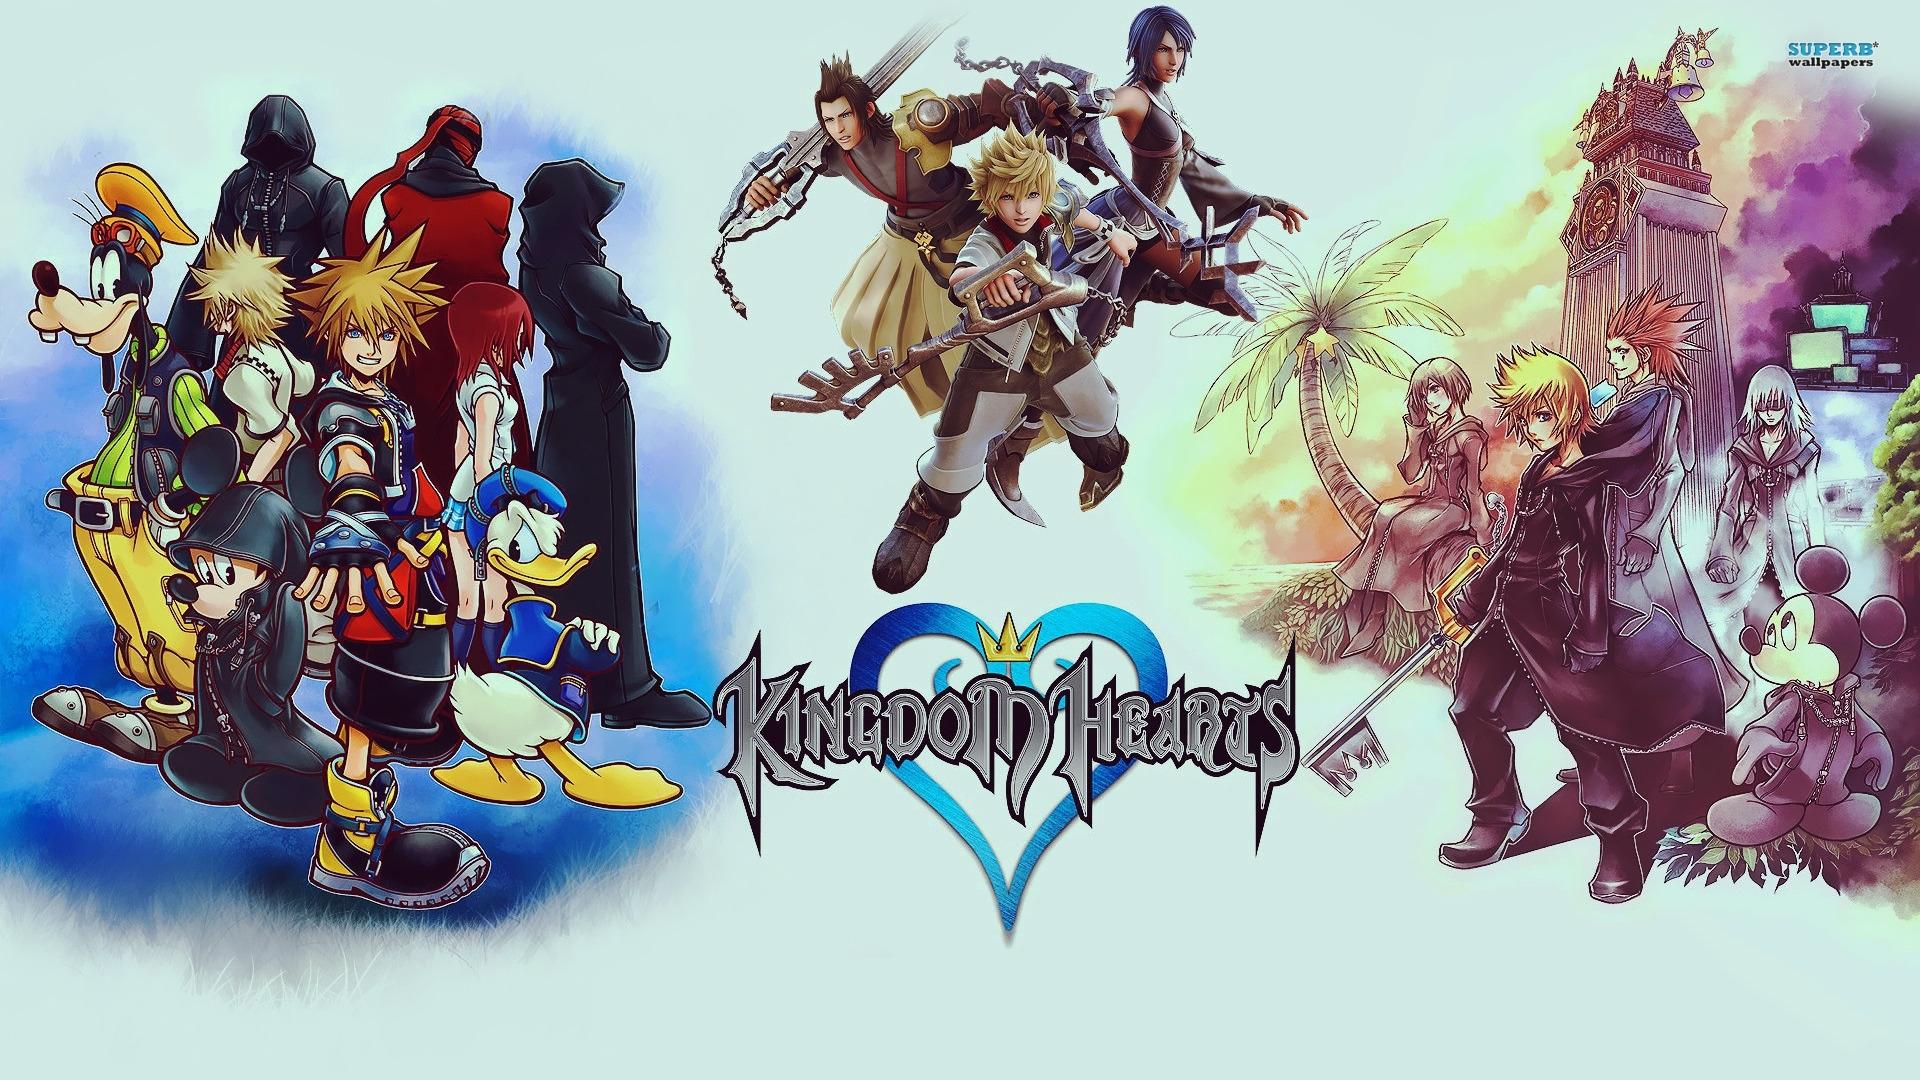 kingdom hearts hd 1.5 remix full hd fond d'écran and arrière-plan